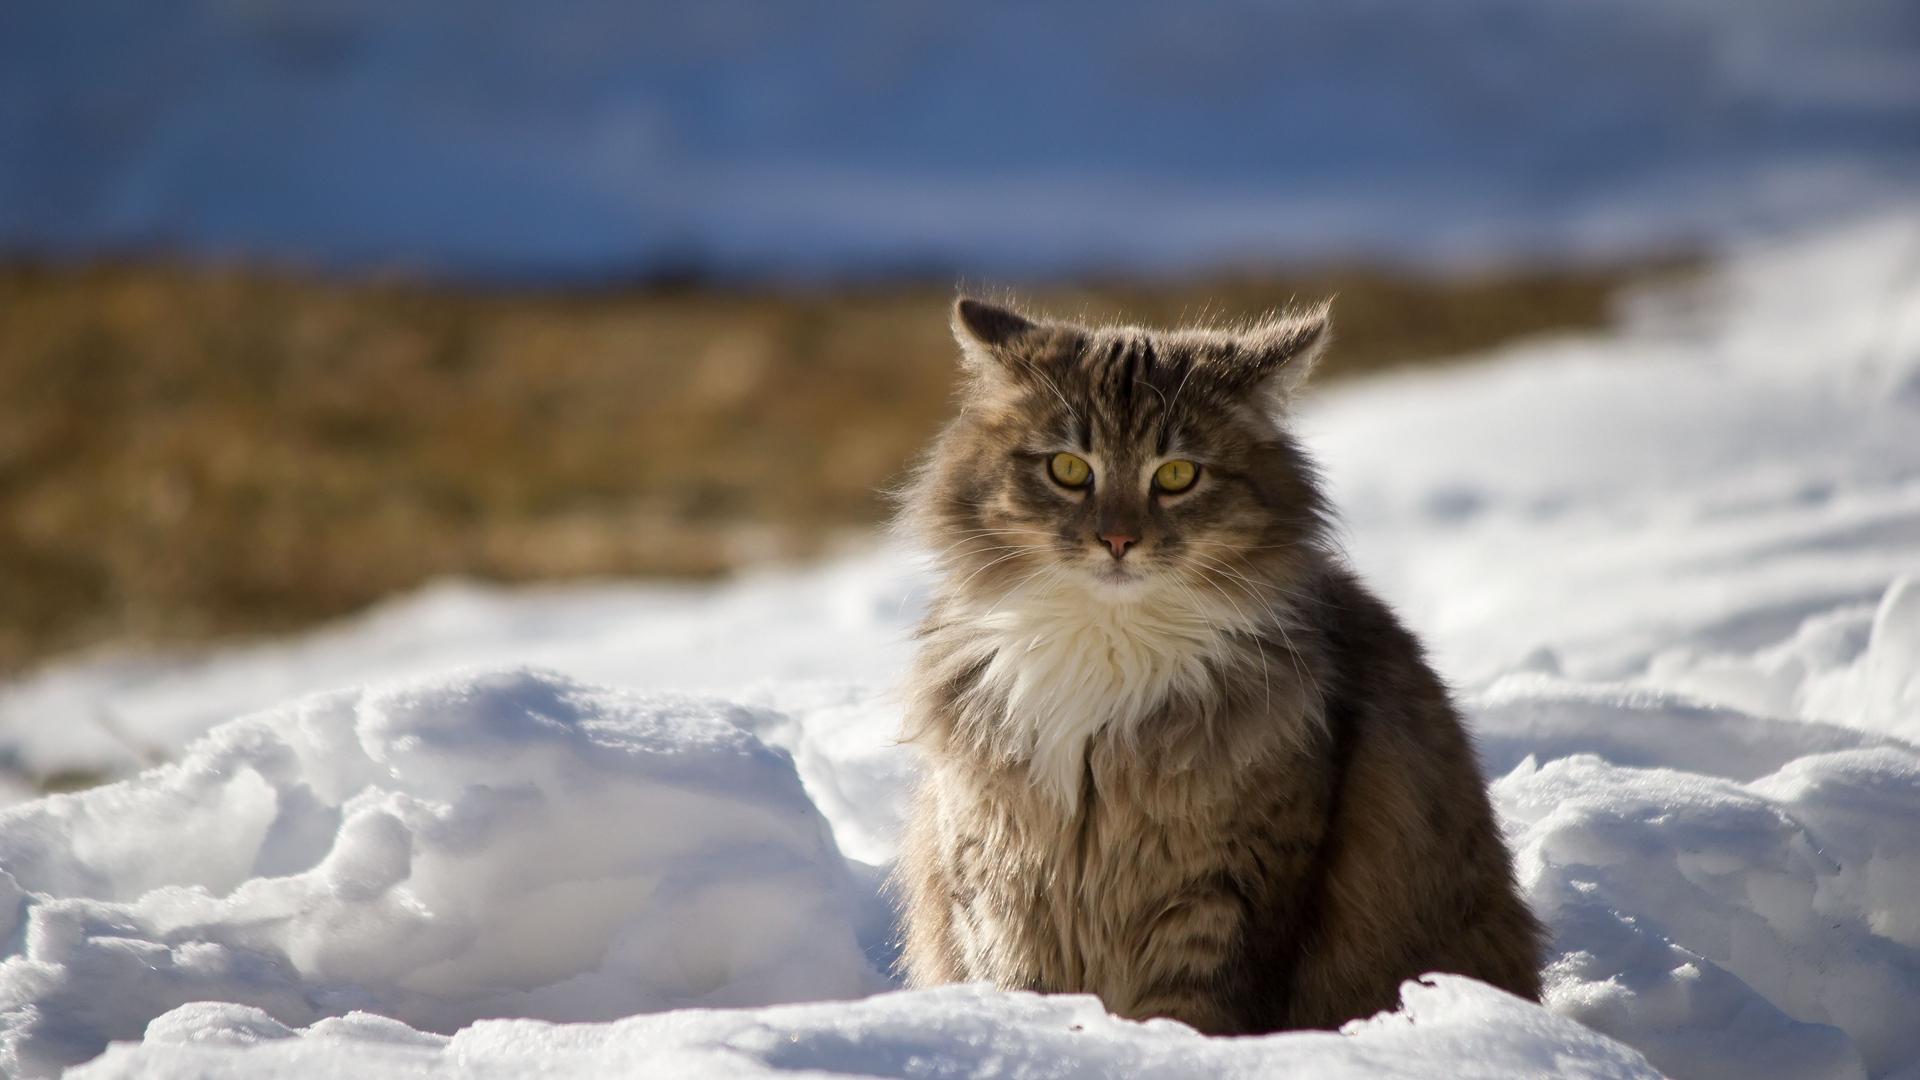 Tổng hợp những hình ảnh mèo đáng yêu